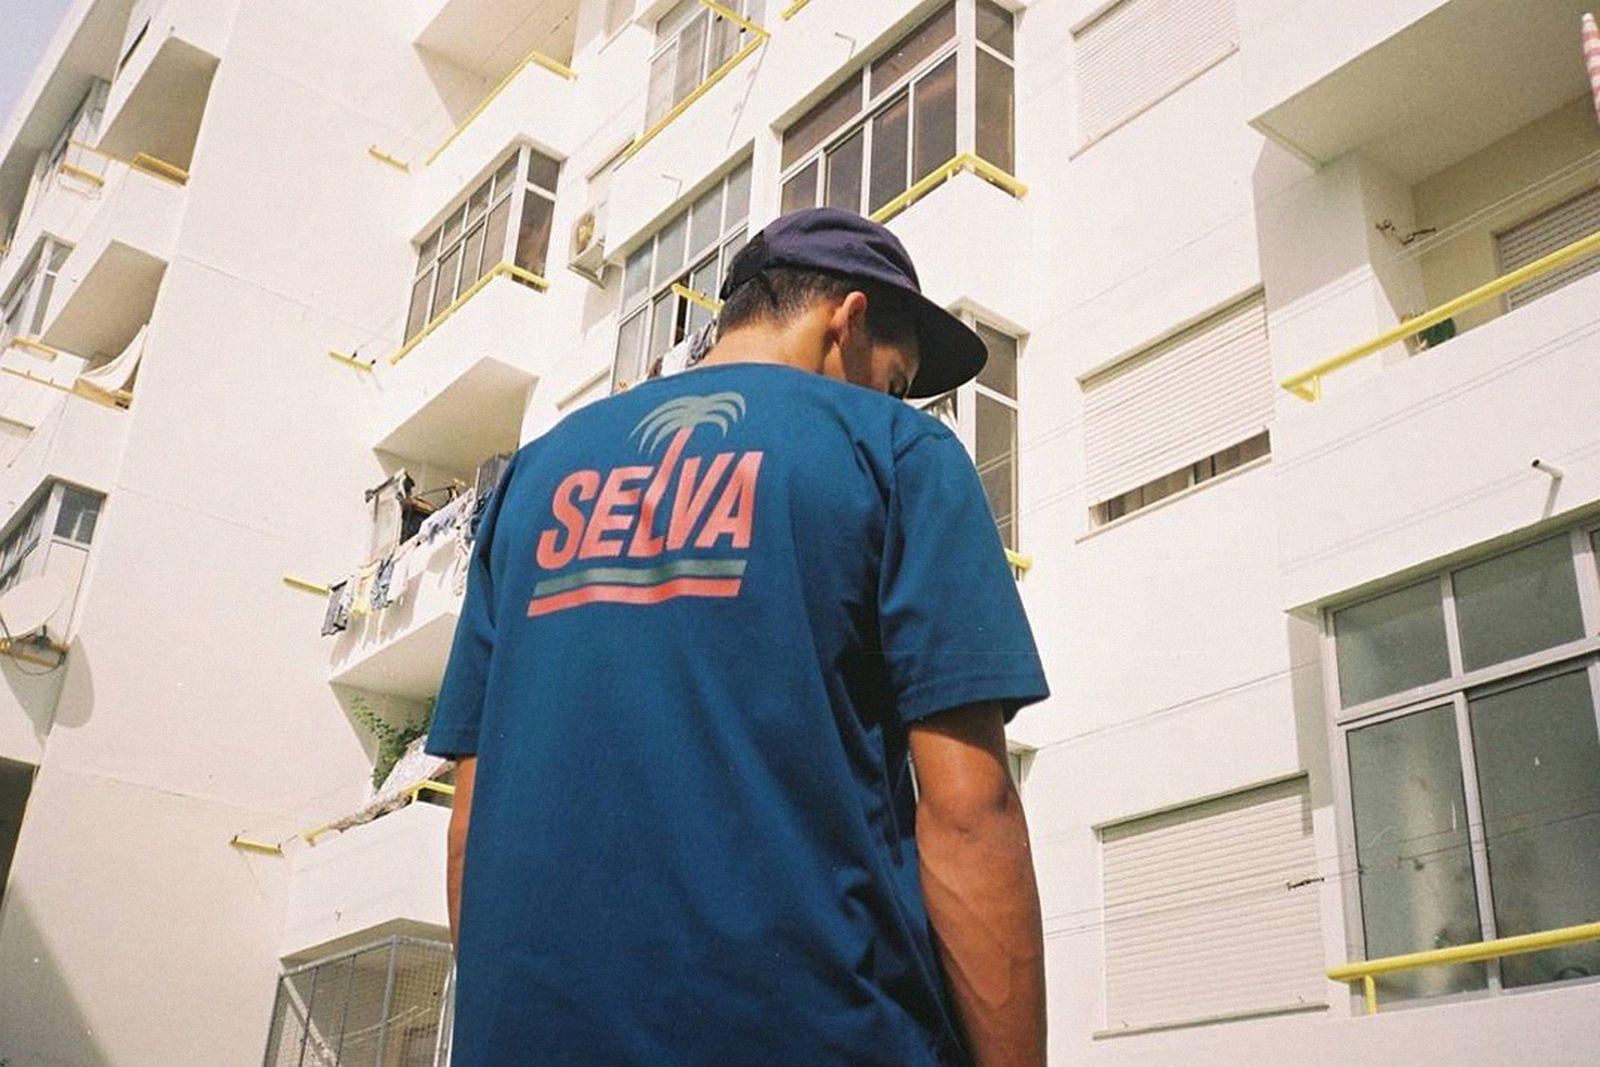 lisbon-streetwear-scene-03